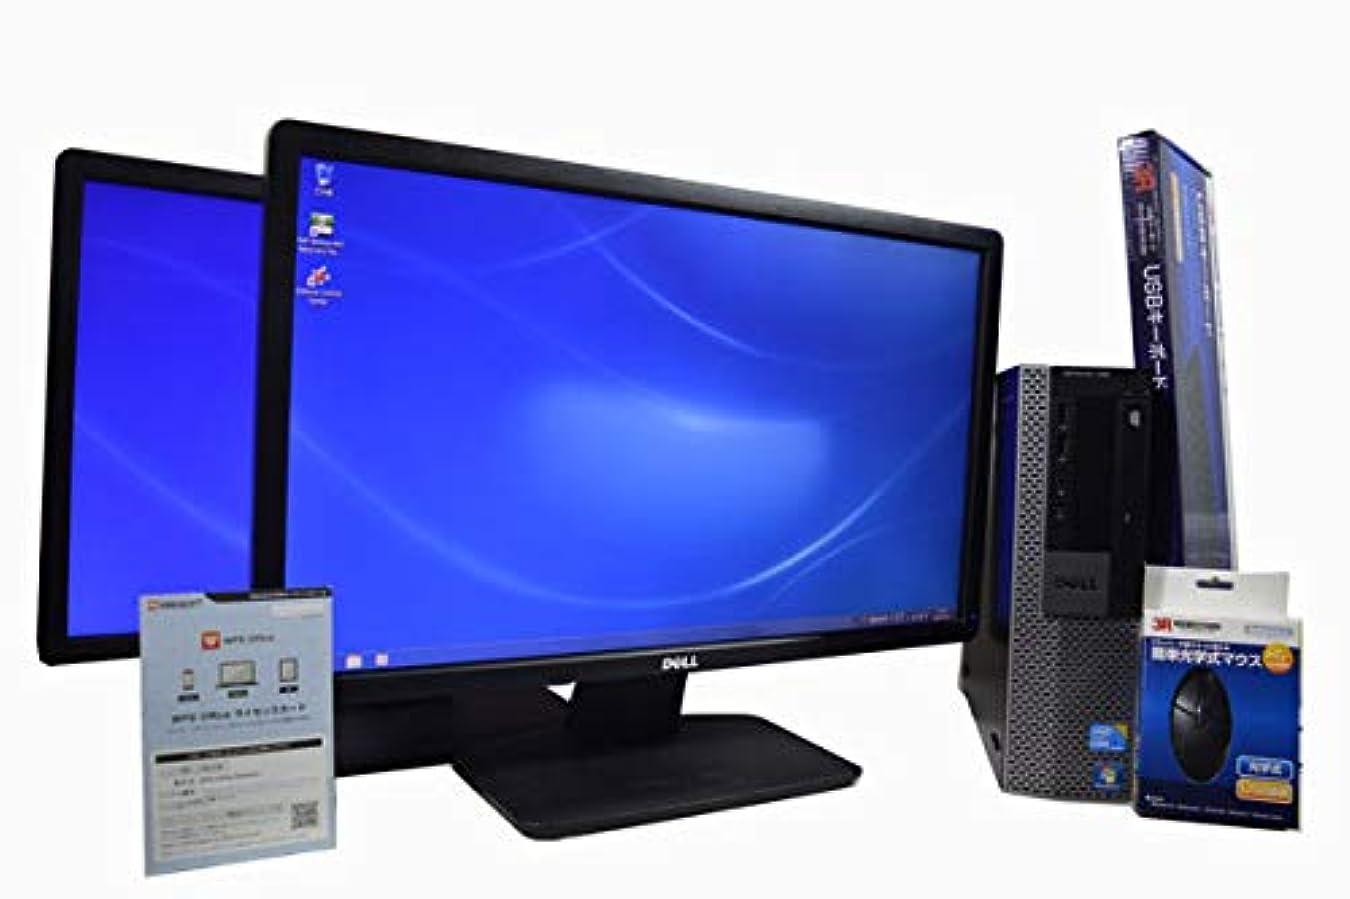 柔らかいセクタ友だちデスクトップパソコン 【OFFICE搭載】 【23インチ FullHD (1920×1080) 液晶モニター 同型モデル 2台セット】 DELL OptiPlex 980 スモールフォームファクタ(SFF) Core i7 870 /16GB/500GB/DVDROM/ATI RADEON HD 3450/Windows 7 / 新品USBマウス?キーボード付